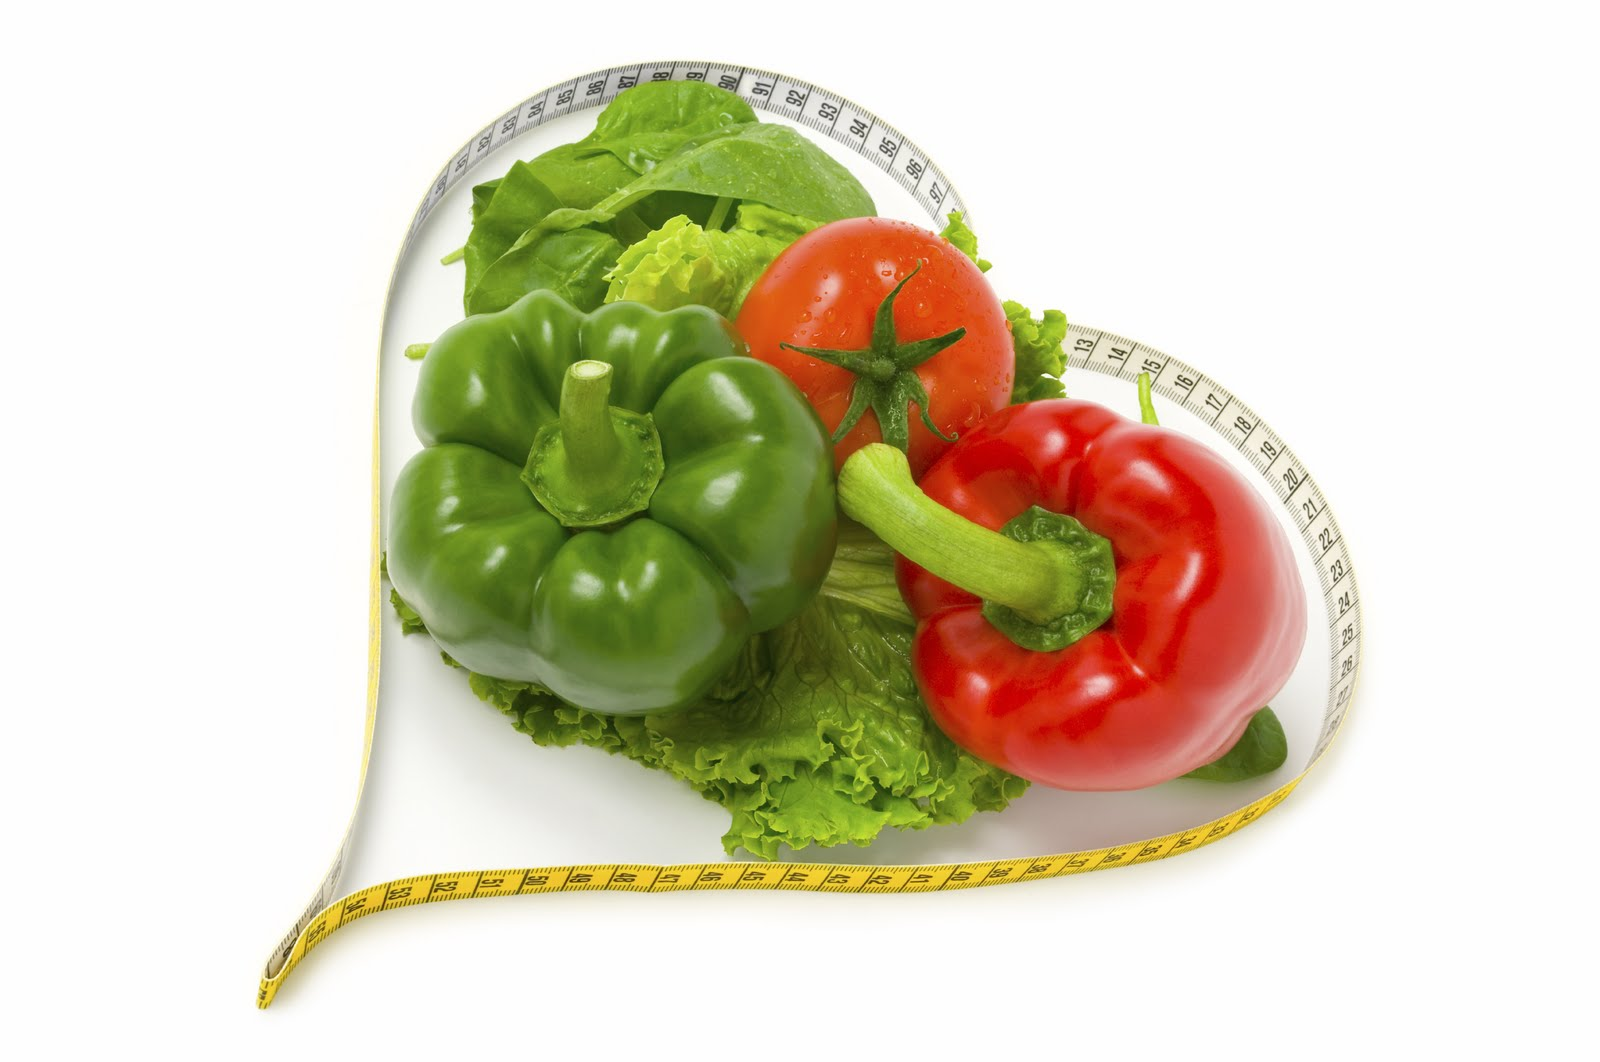 syaryza 4th image healthy eating